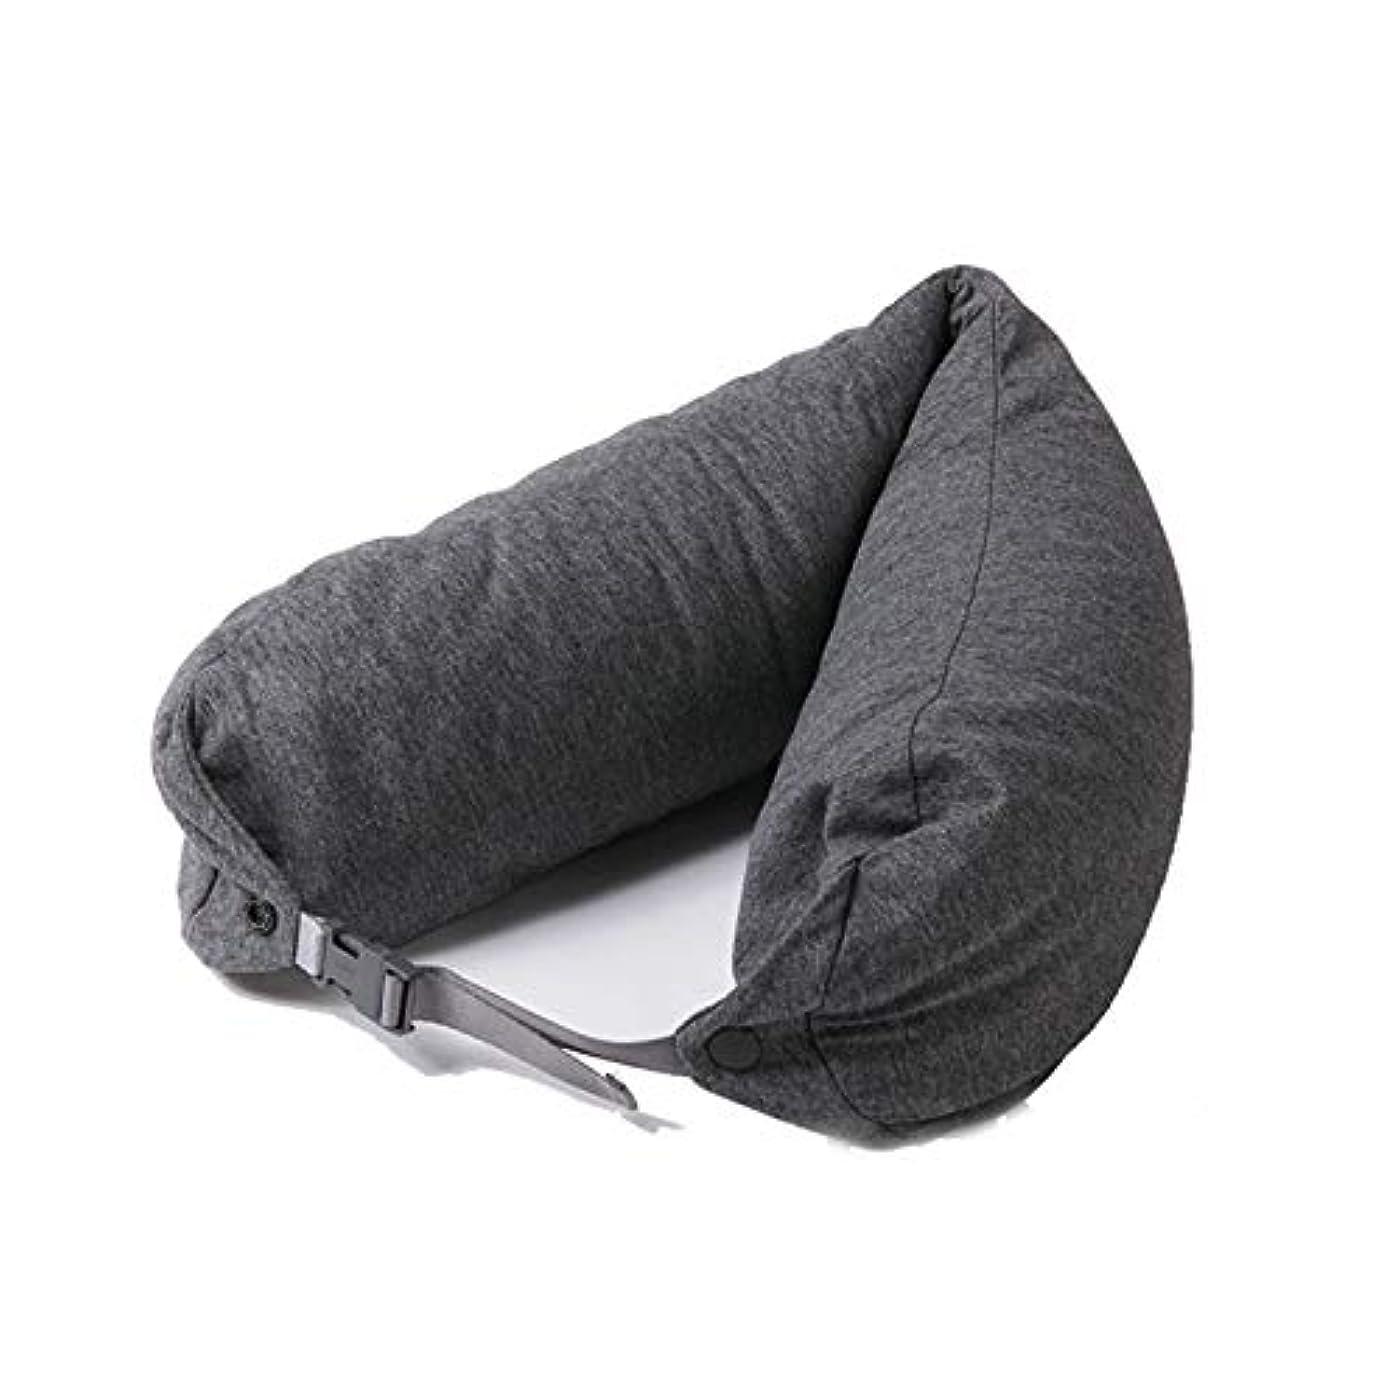 クルー瞳評価可能SMART ホームオフィス背もたれ椅子腰椎クッションカーシートネック枕 3D 低反発サポートバックマッサージウエストレスリビング枕 クッション 椅子